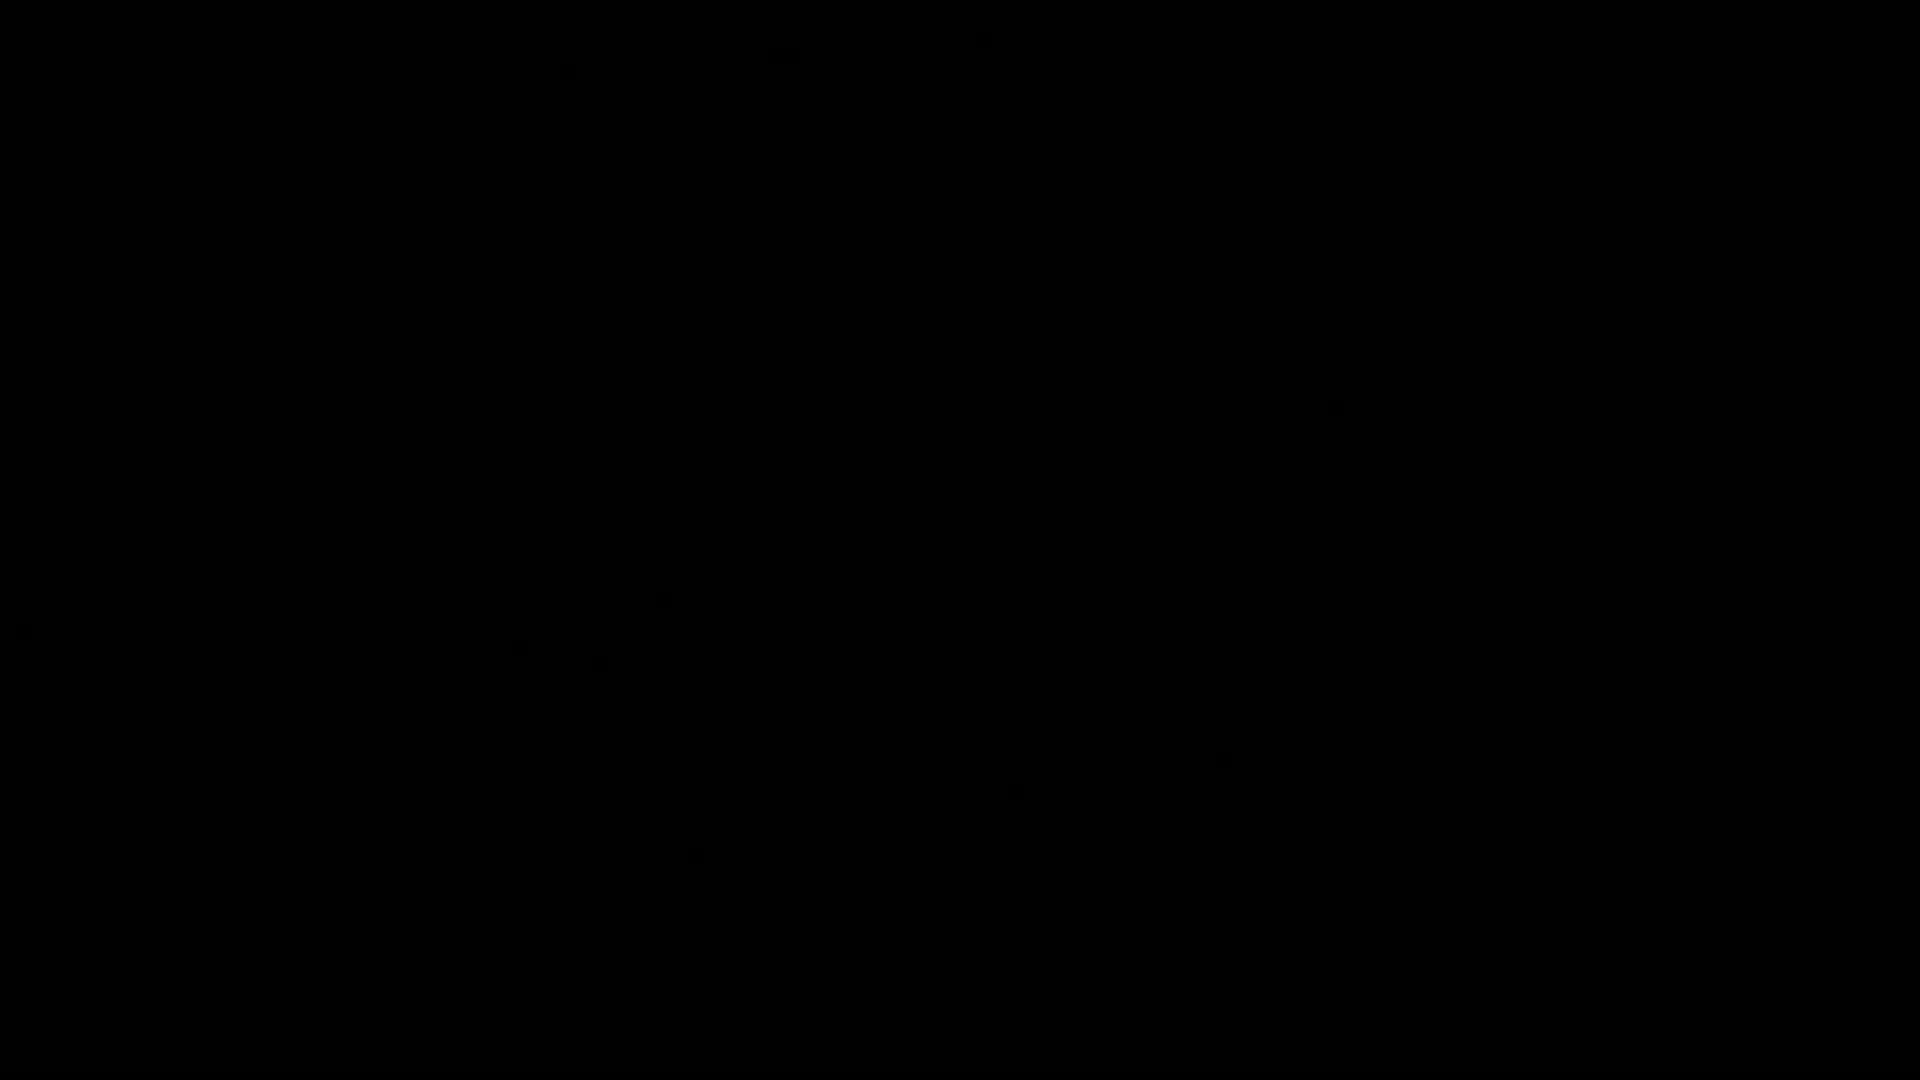 旦那の前で他人と中出しSEX~訳アリ夫婦の事情~ - 椎名綾【バック 正常位 騎乗位 中出し 騎乗後背位】